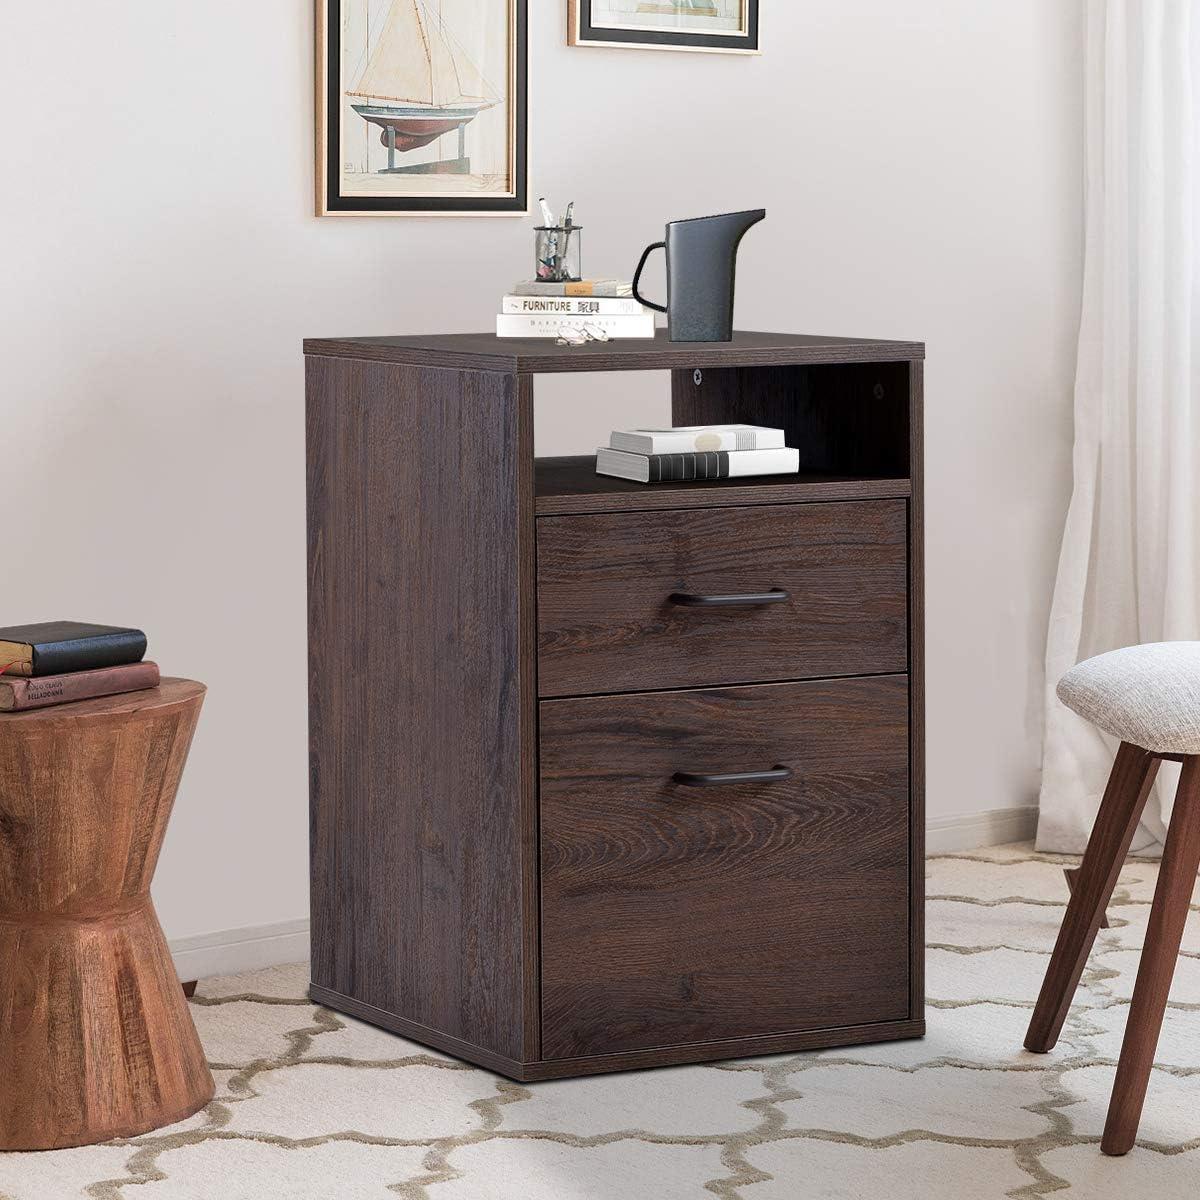 Henf 2 Drawer Chest Dresser Wooden Storage Dresser Cabinet for Closet, Filing Cabinet Unit for Bedroom, Living Room and Hallway Walnut